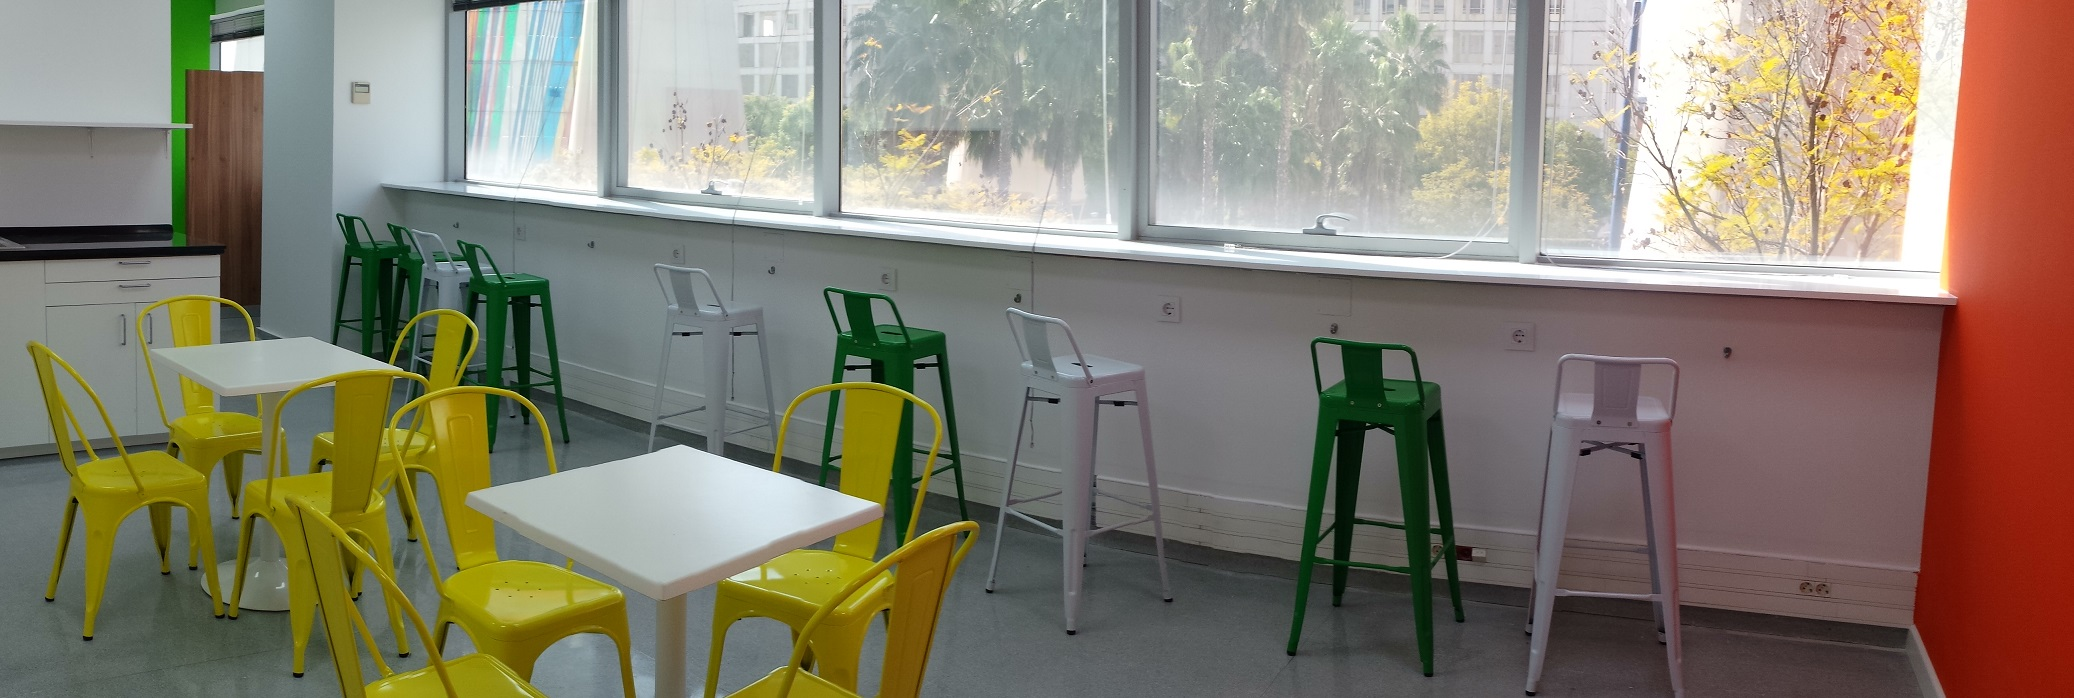 Proyectos de oficina en Sevilla: Diseño dinámico de interiores